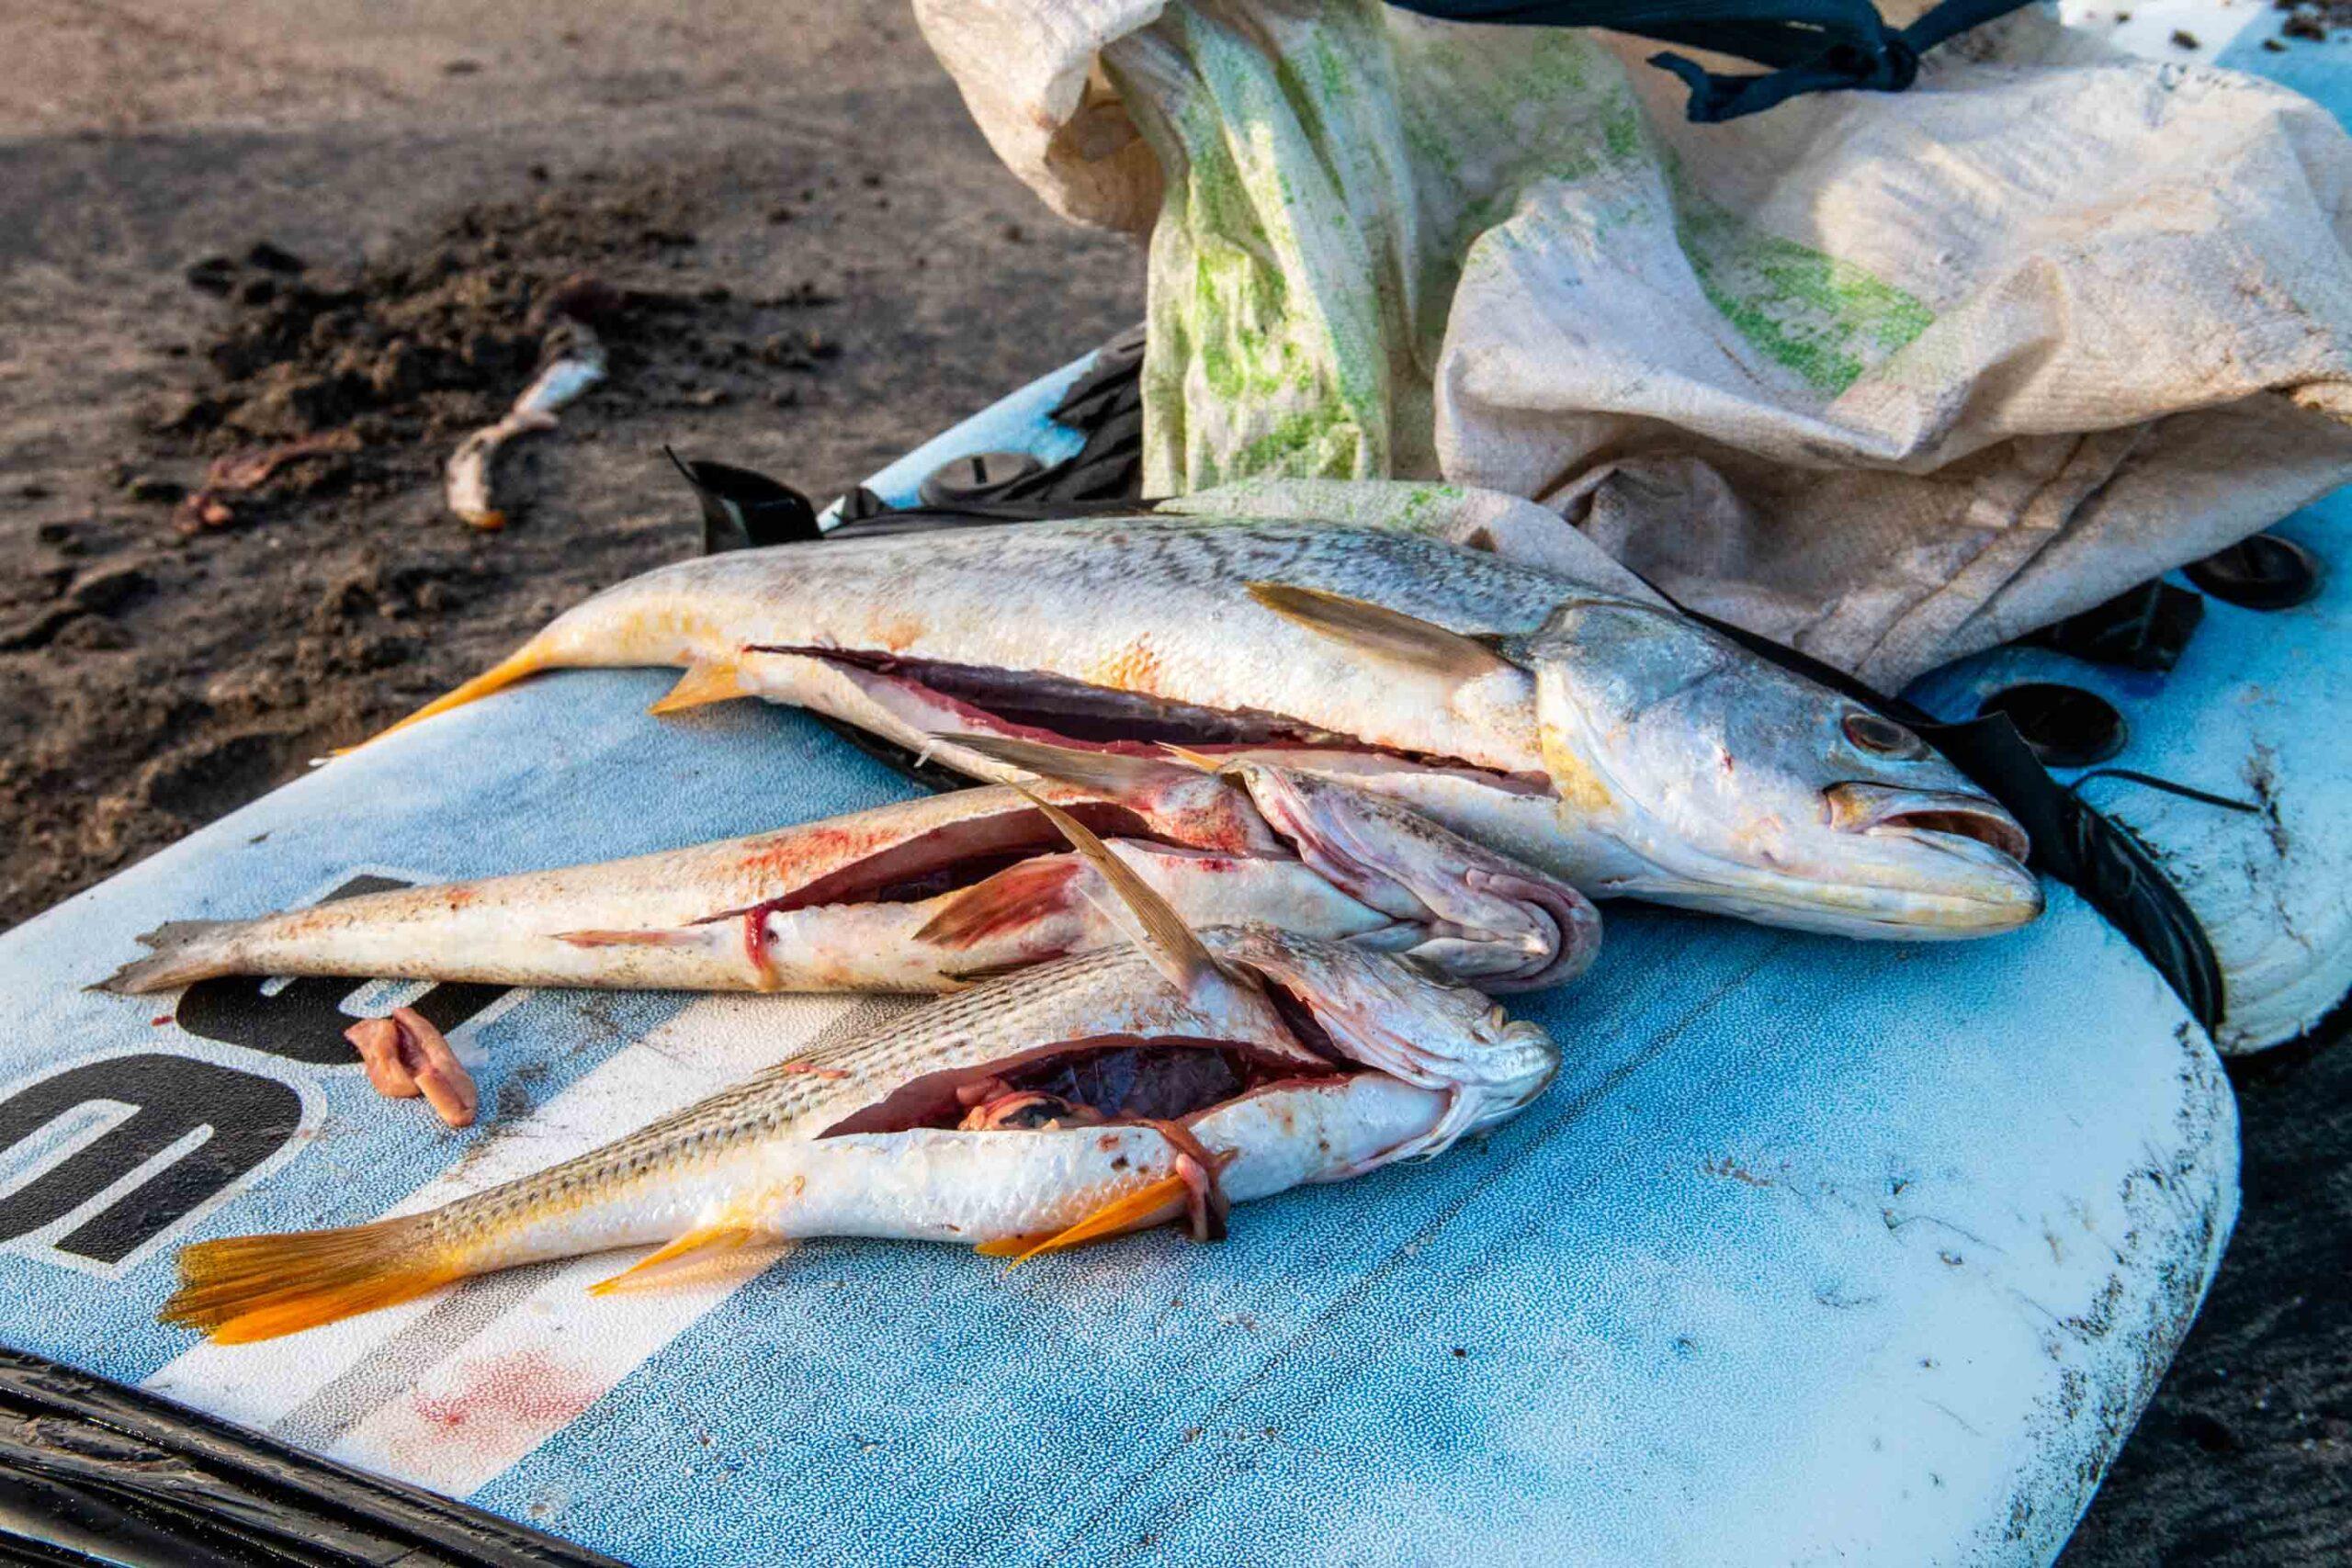 fresh fish at Playa Guasacate Nicargua